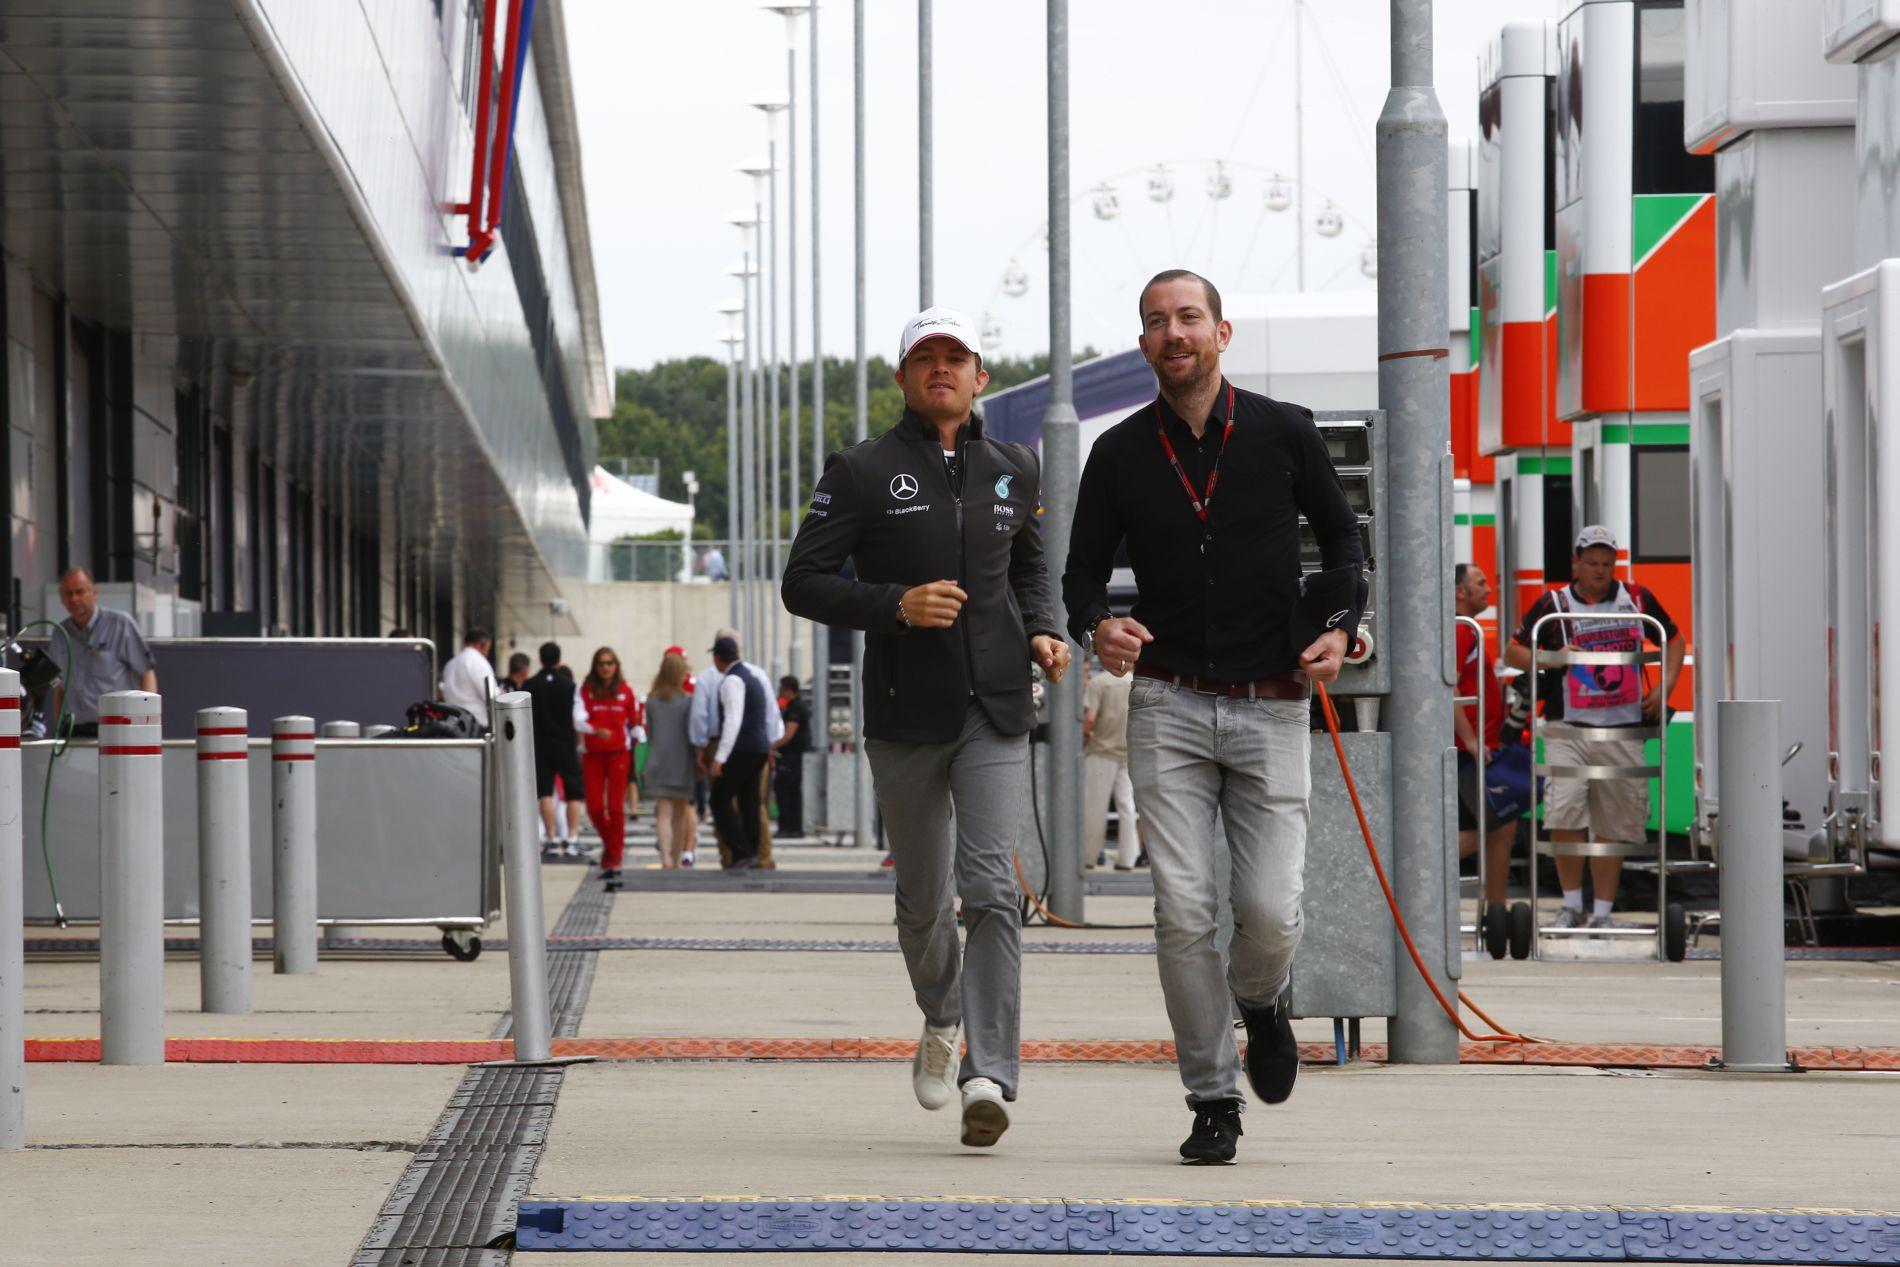 Rosberg 3 tippje az izgalmasabb F1-ért: könnyen kivitelezhető lépések?